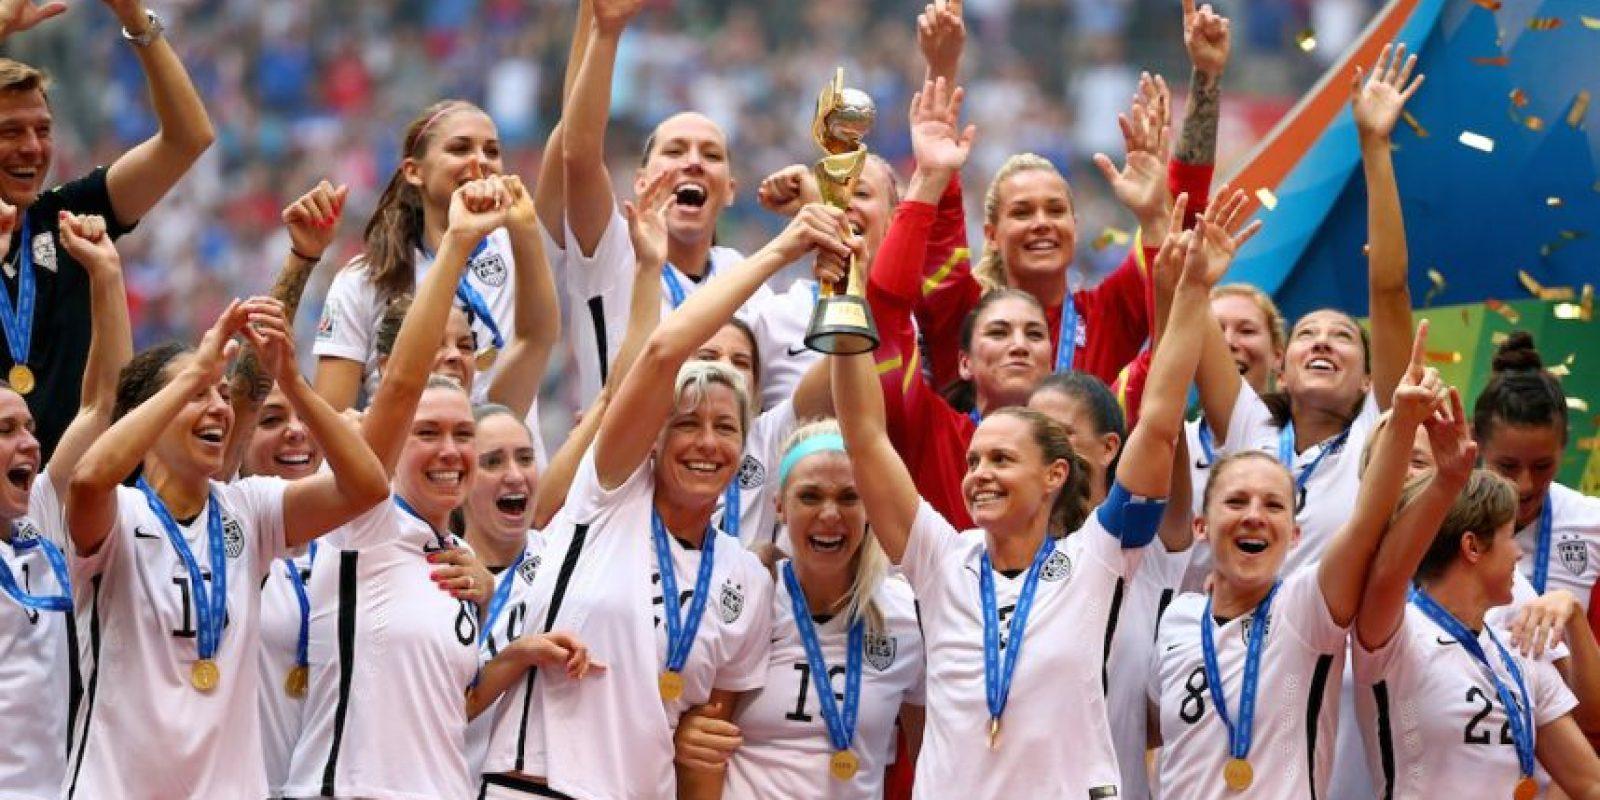 El combinado estadounidense se llevó un premio de 2 millones de dólares, una cifra nada despreciable, pero que si se compara con otros gastos de la FIFA, queda muy por debajo. A continuación les presentamos 5 gastos inútiles de la FIFA que superan el premio a las Campeonas del Mundo Foto:Getty Images